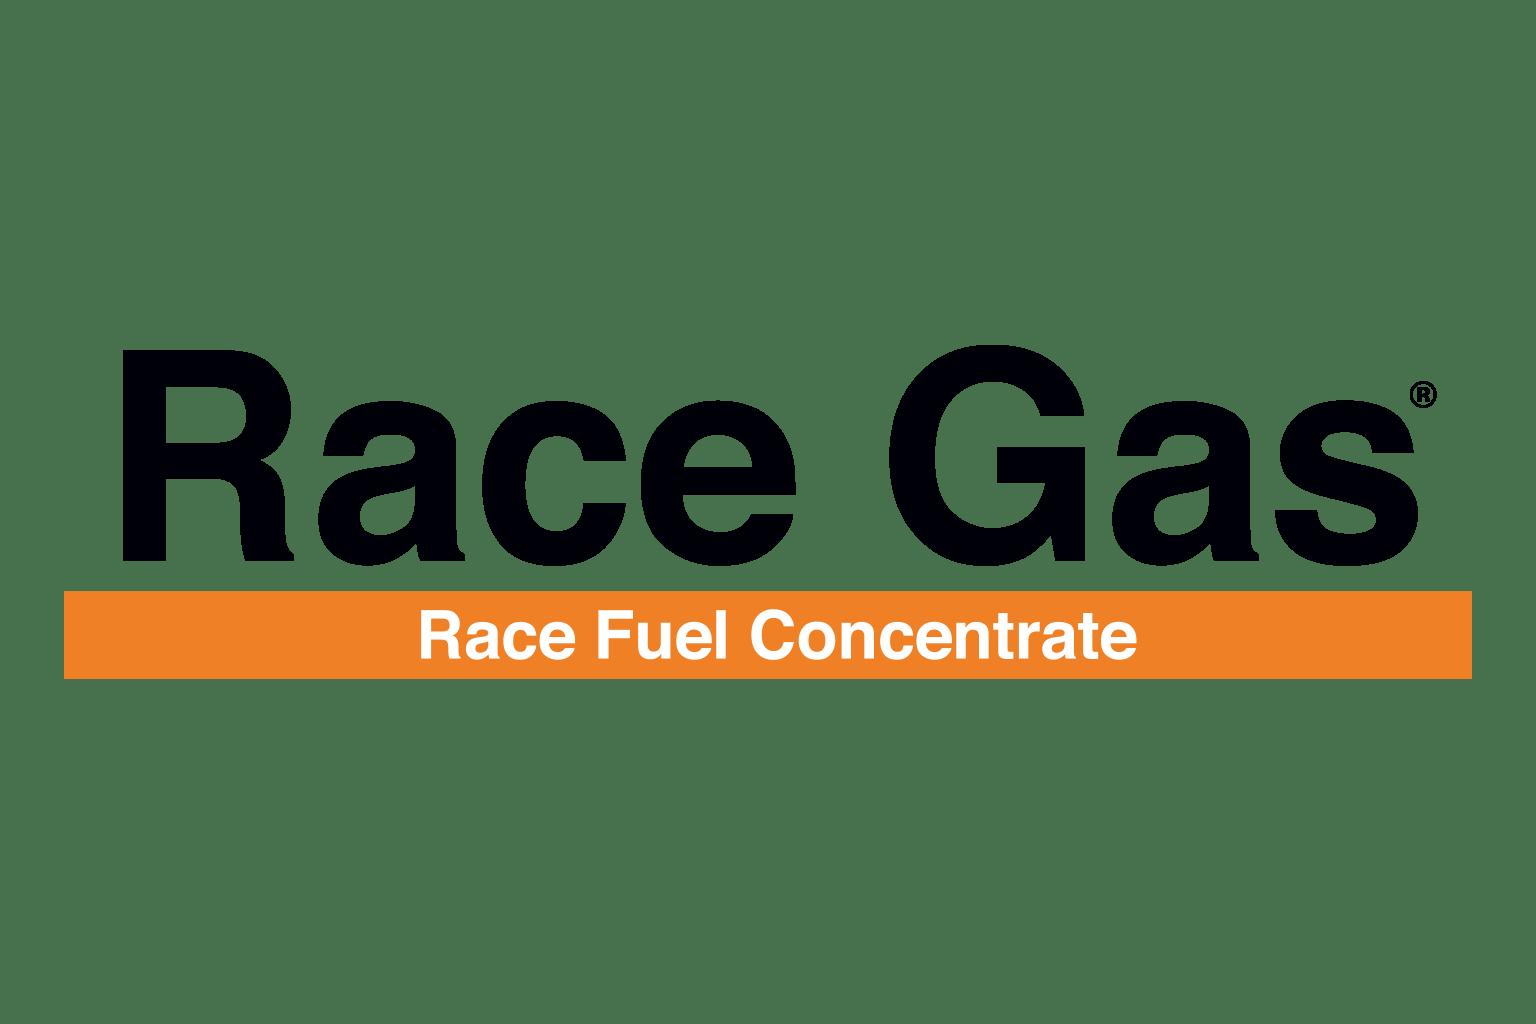 RACE-GAS